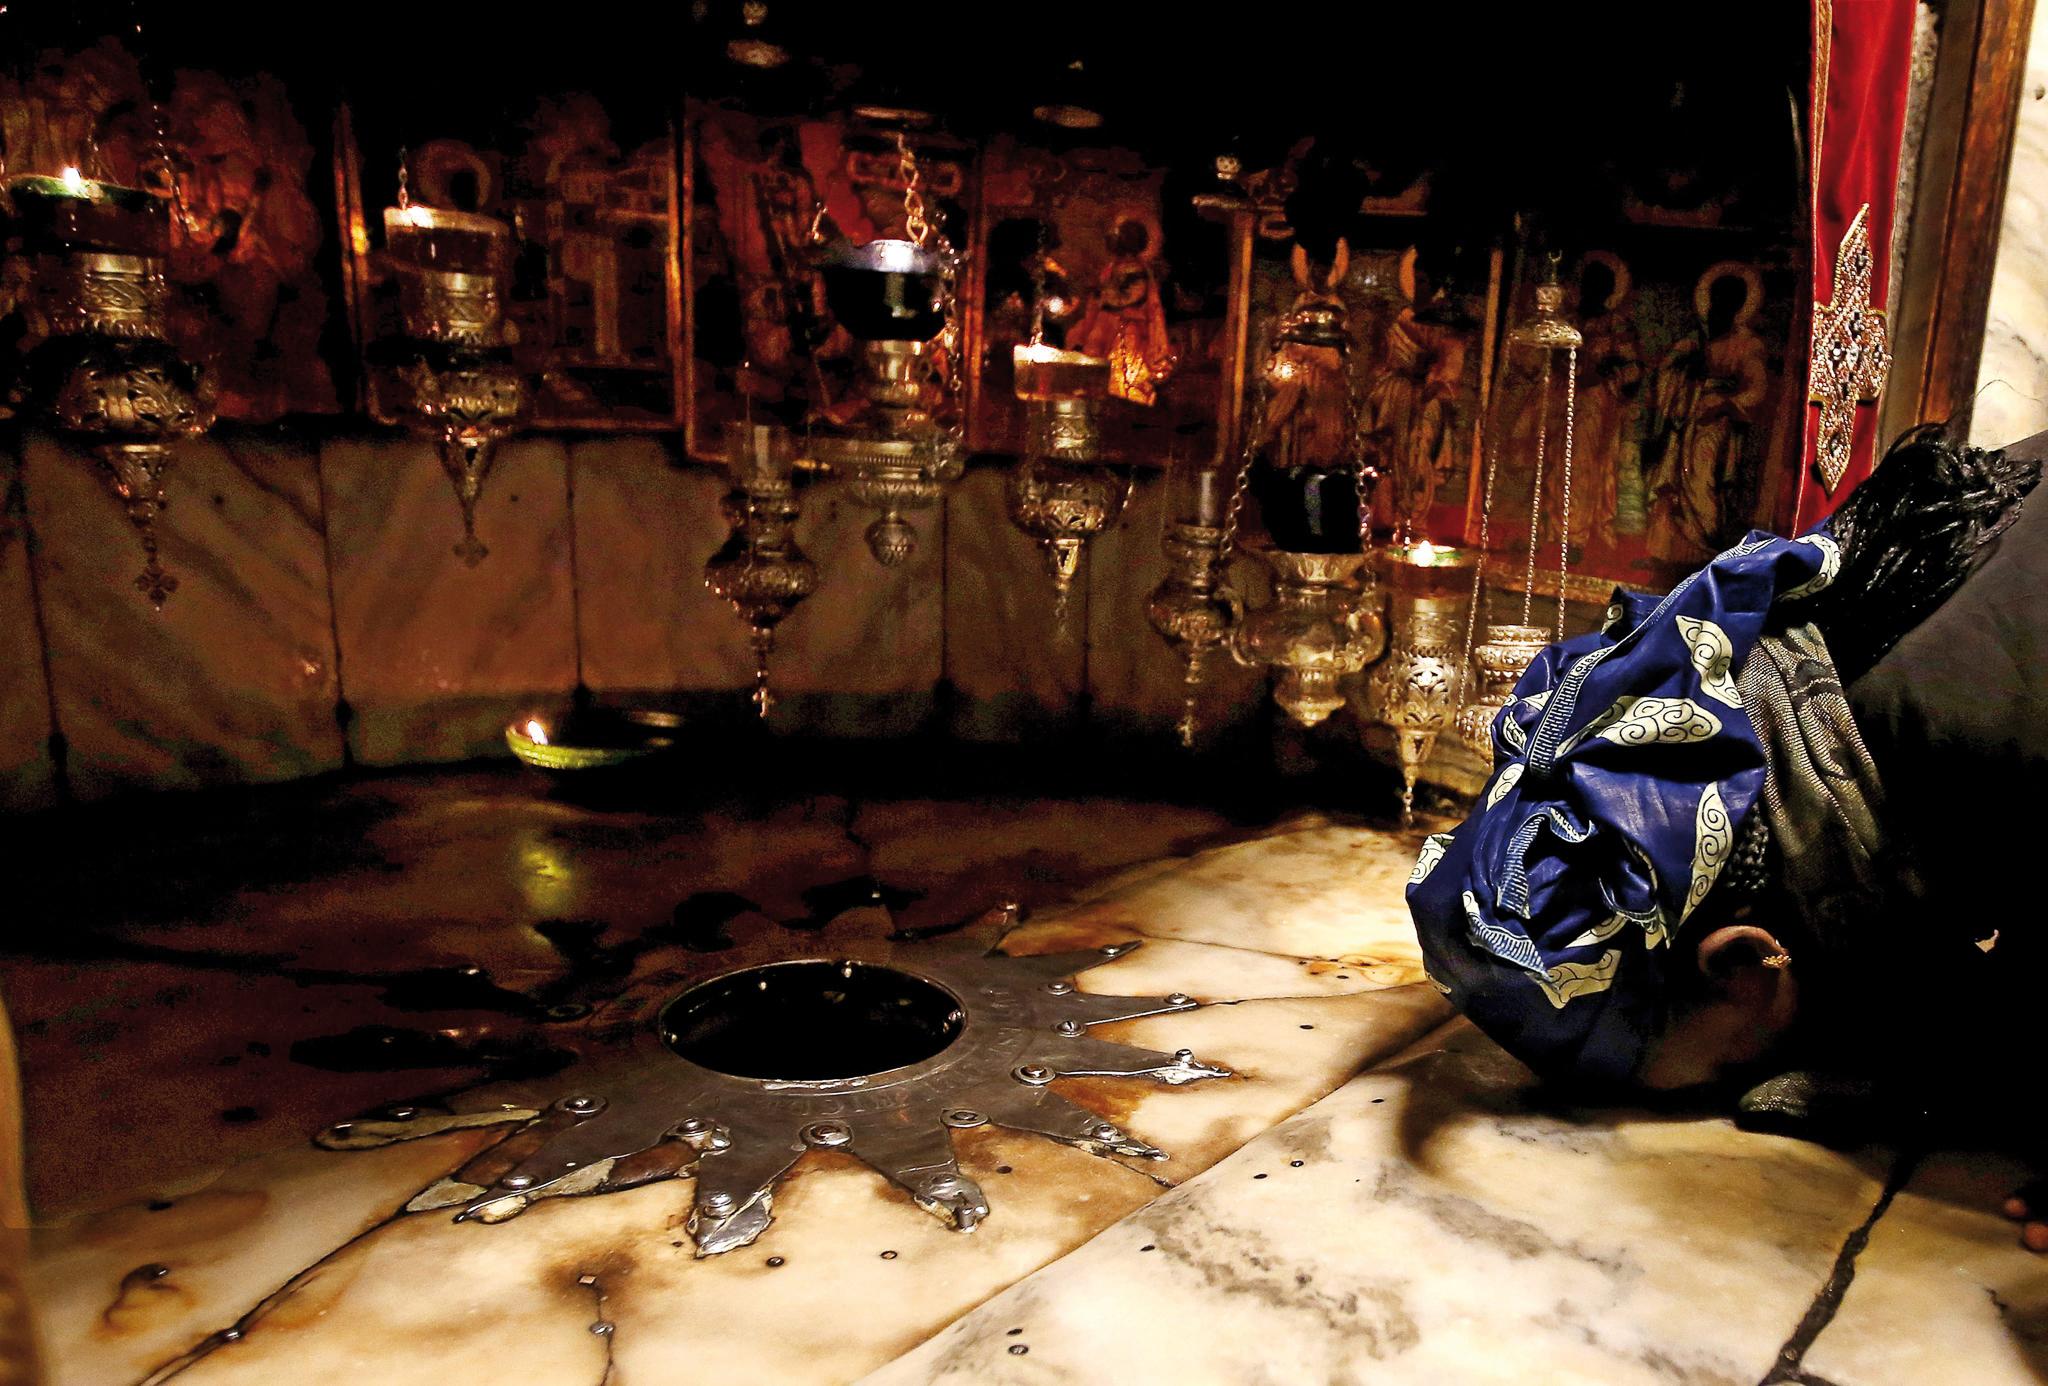 Uma pessoa reza diante da estrela sagrada, que marca o lugar onde se crê ter nascido Jesus. Cripta da Igreja da Natividade, Belém, na Cisjordânia, 5 de dezembro de 2016. EPA / ABED AL HASHLAMOUN